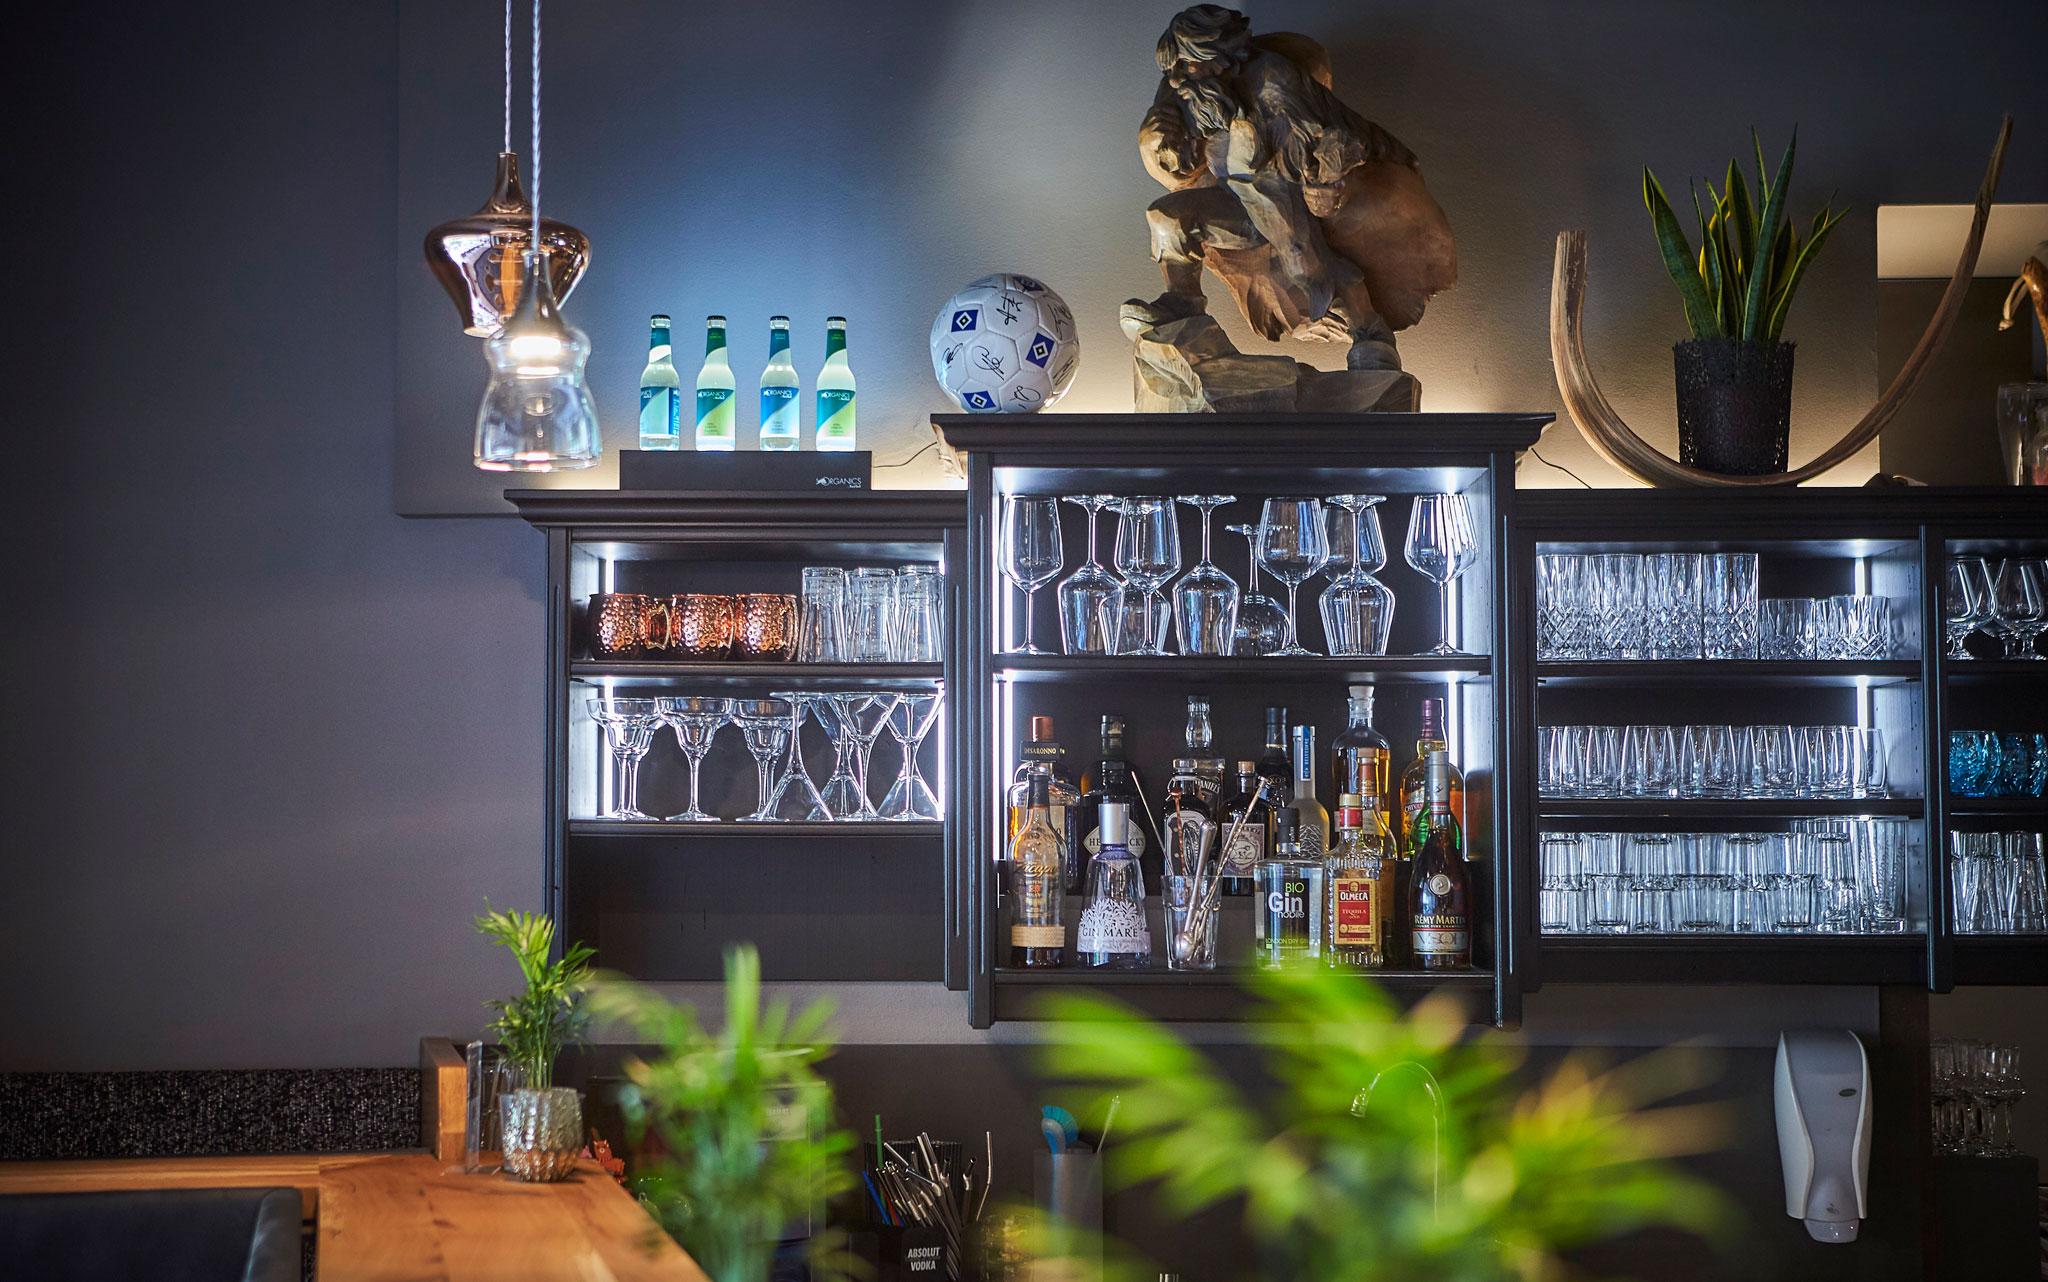 Cocktailgläser und verschiedene Flaschen stehen in der Vitrine hinter der Bar